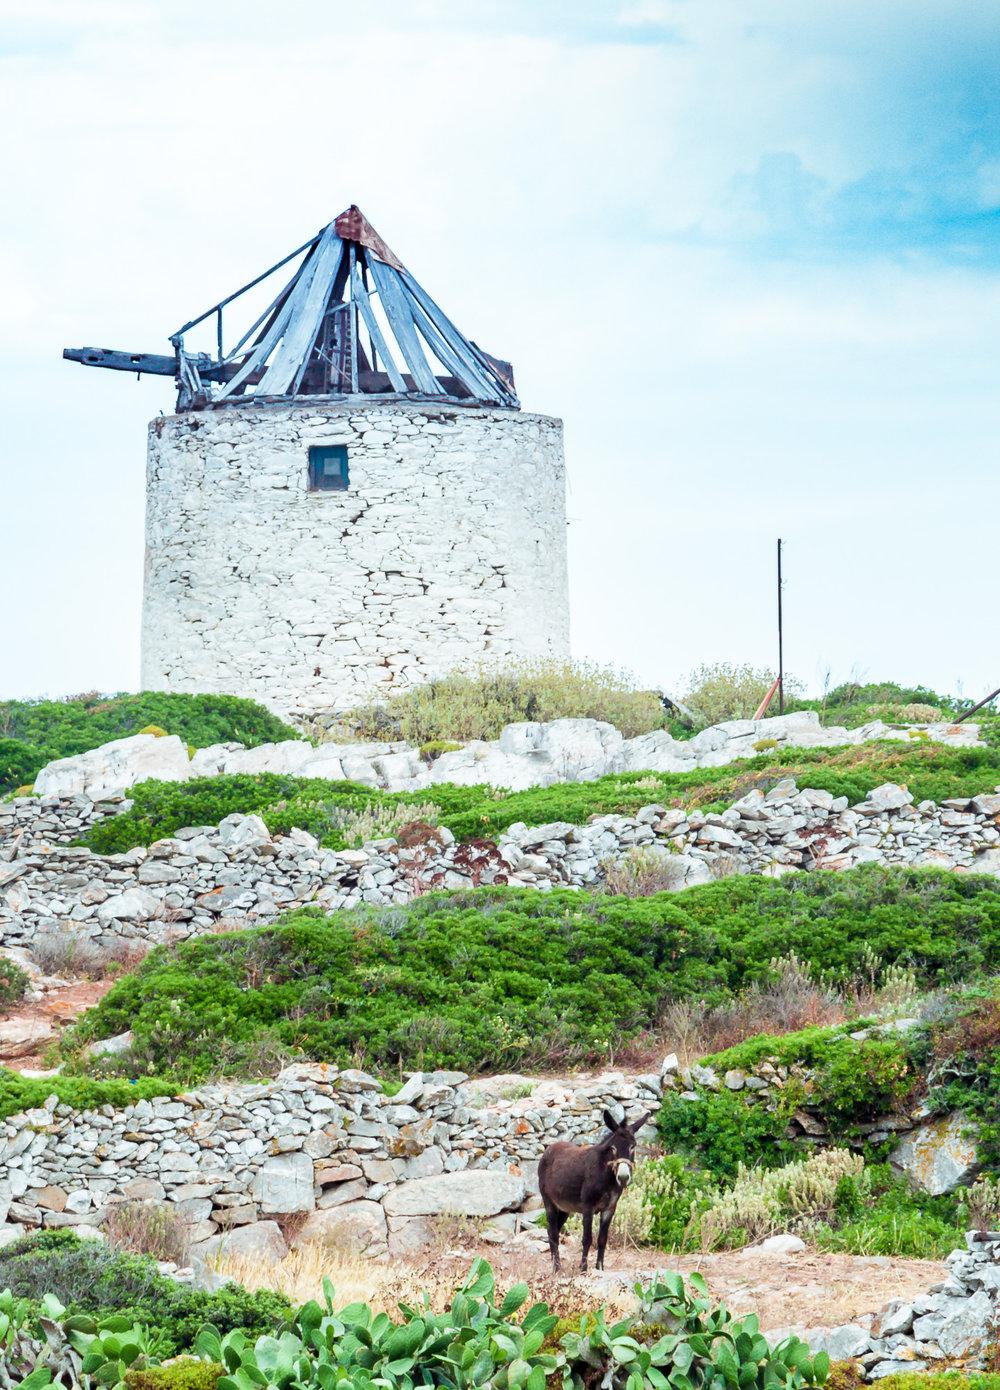 photo-tour-amorgos-greece-05-stemajourneys.com.jpg